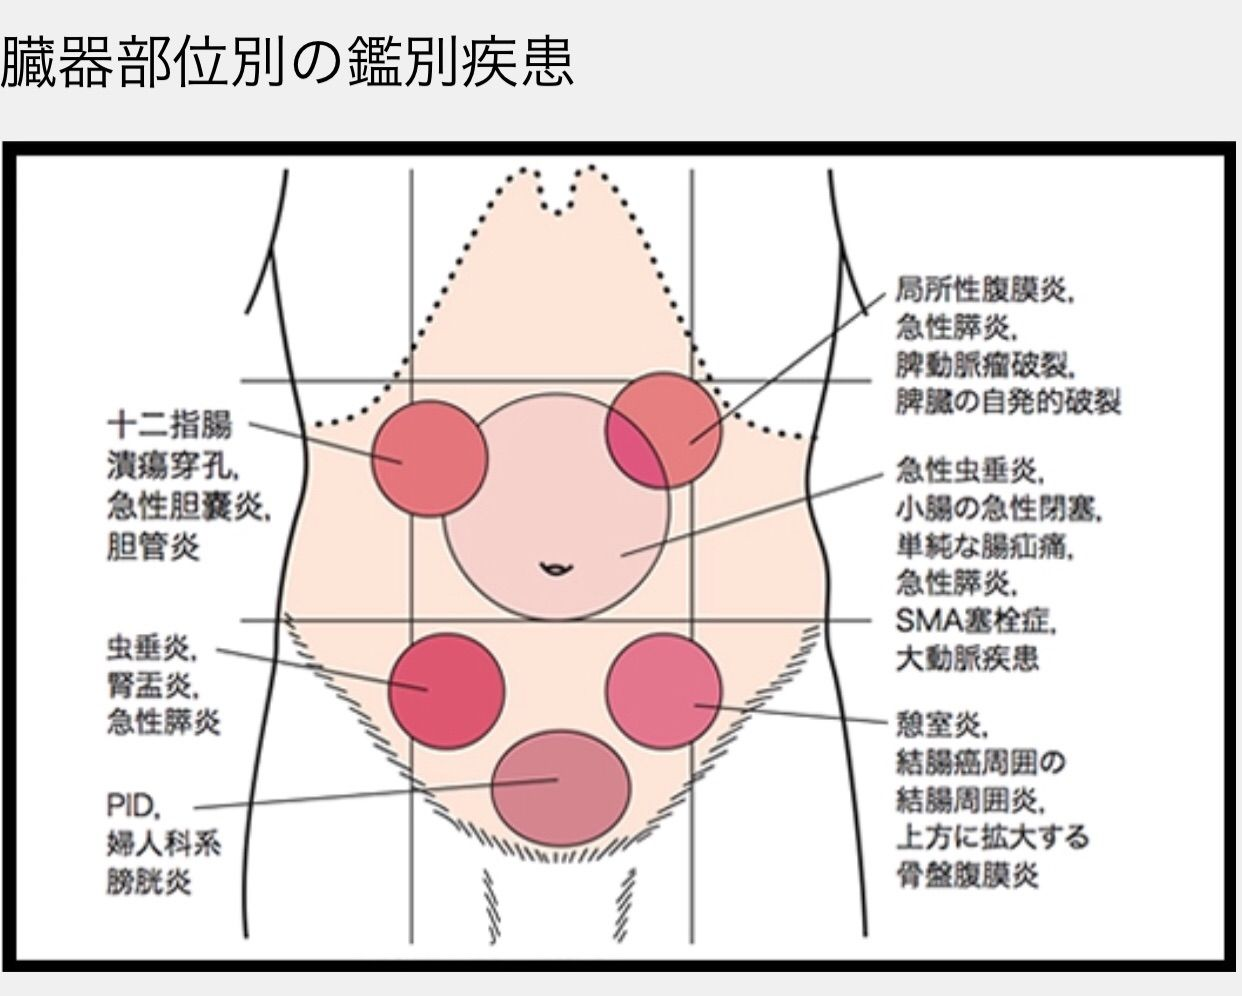 その腹痛の原因は・・・ : 墨俣医院 公式ブログ